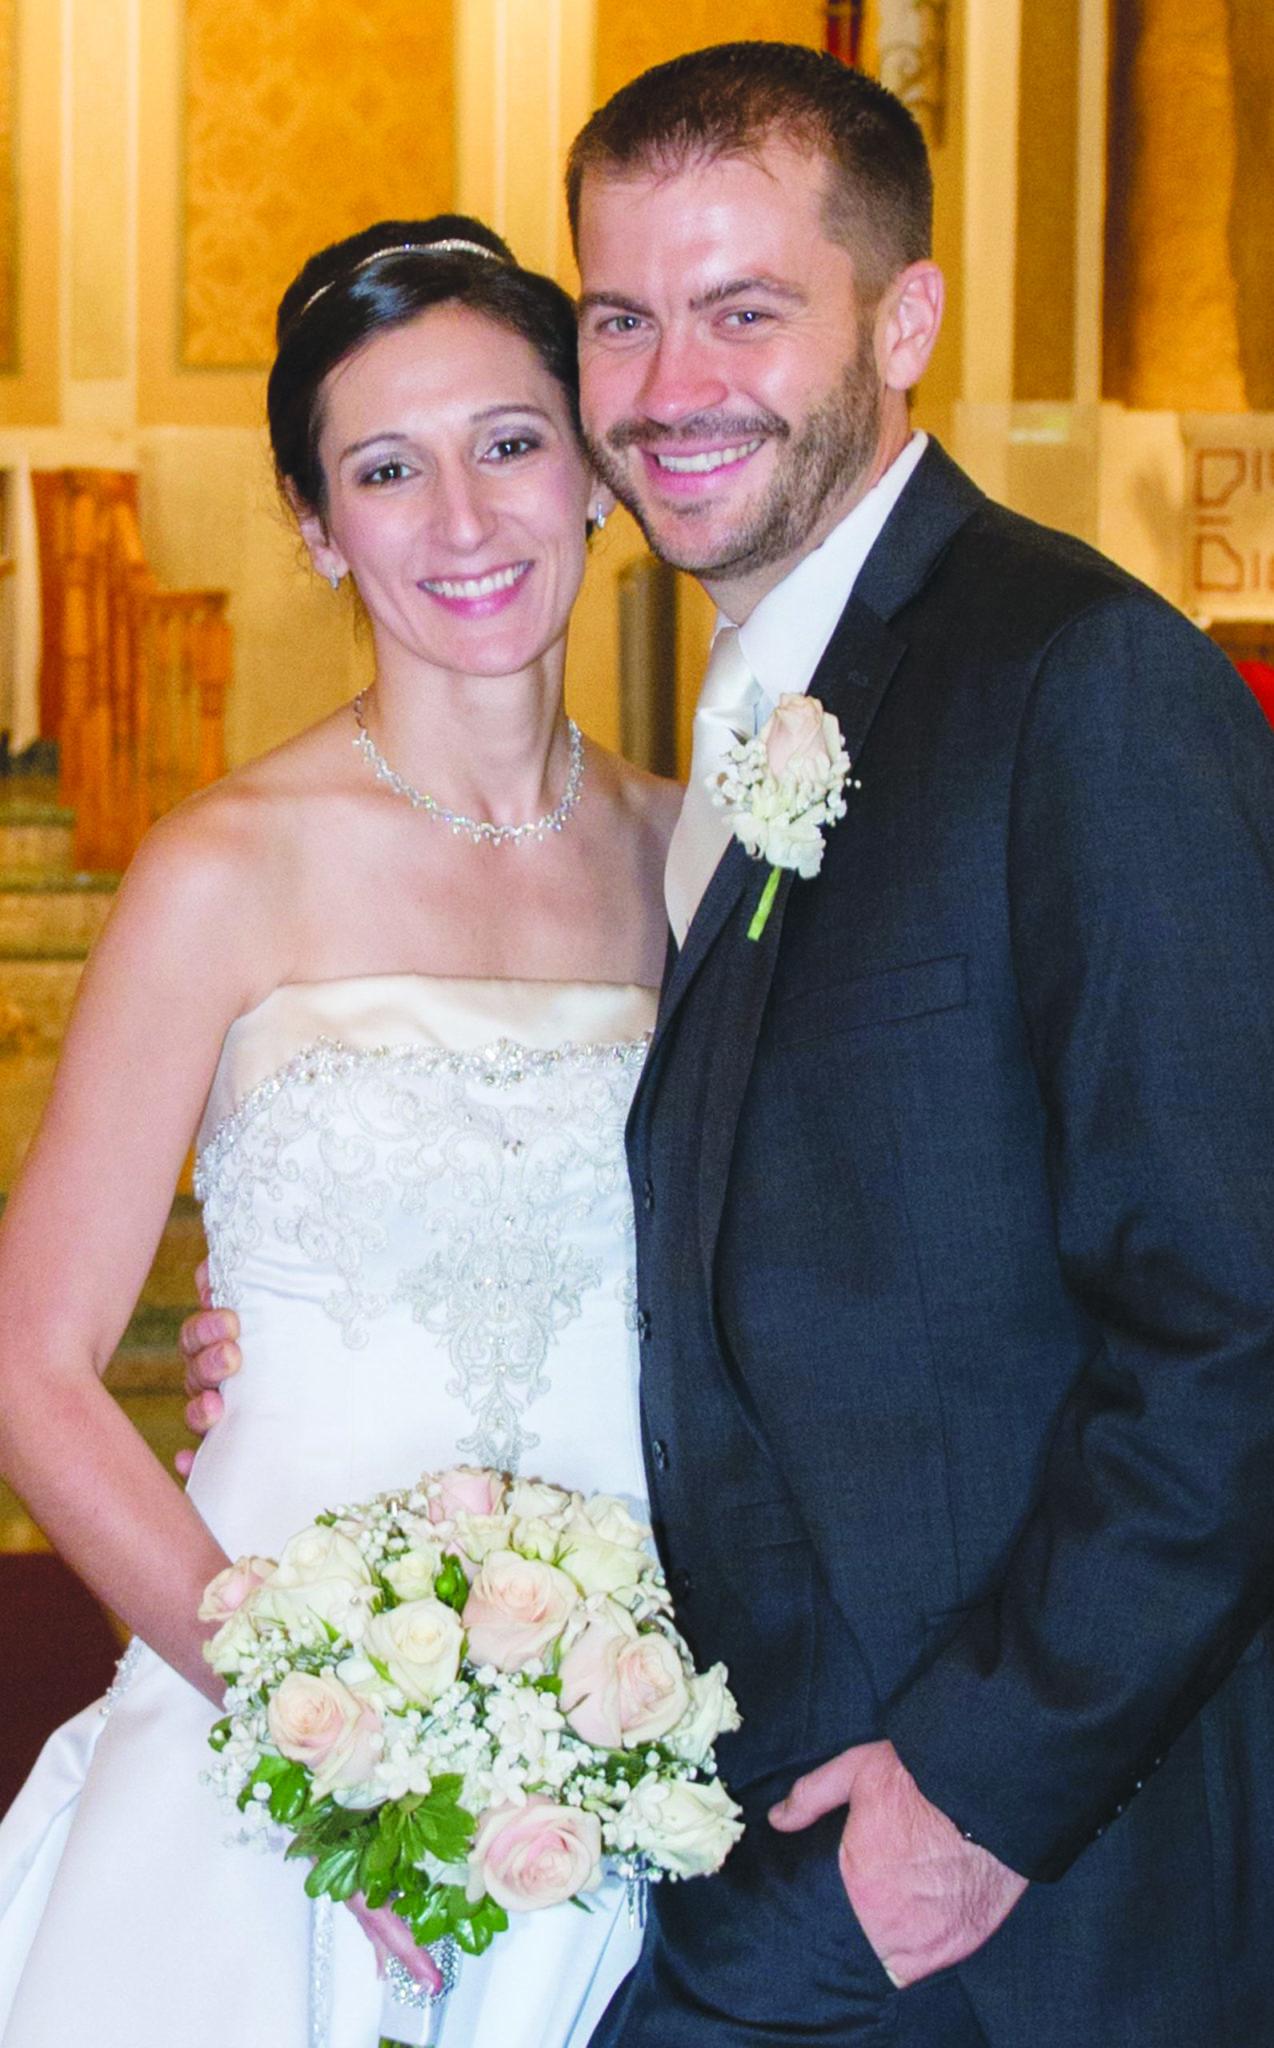 Zito, Hattersley wed